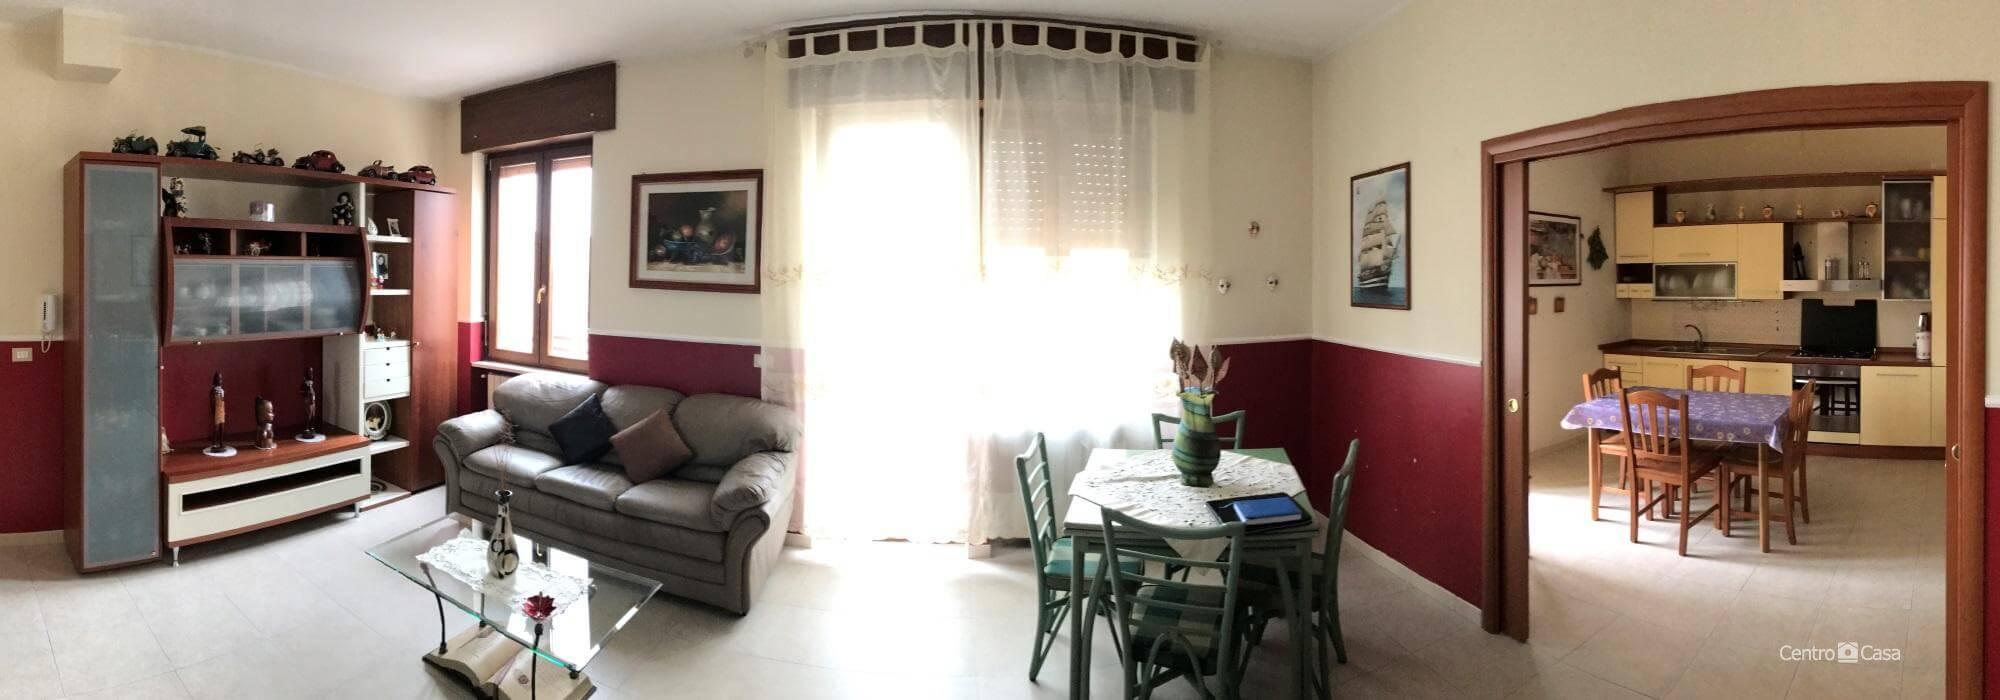 Appartamento via Po